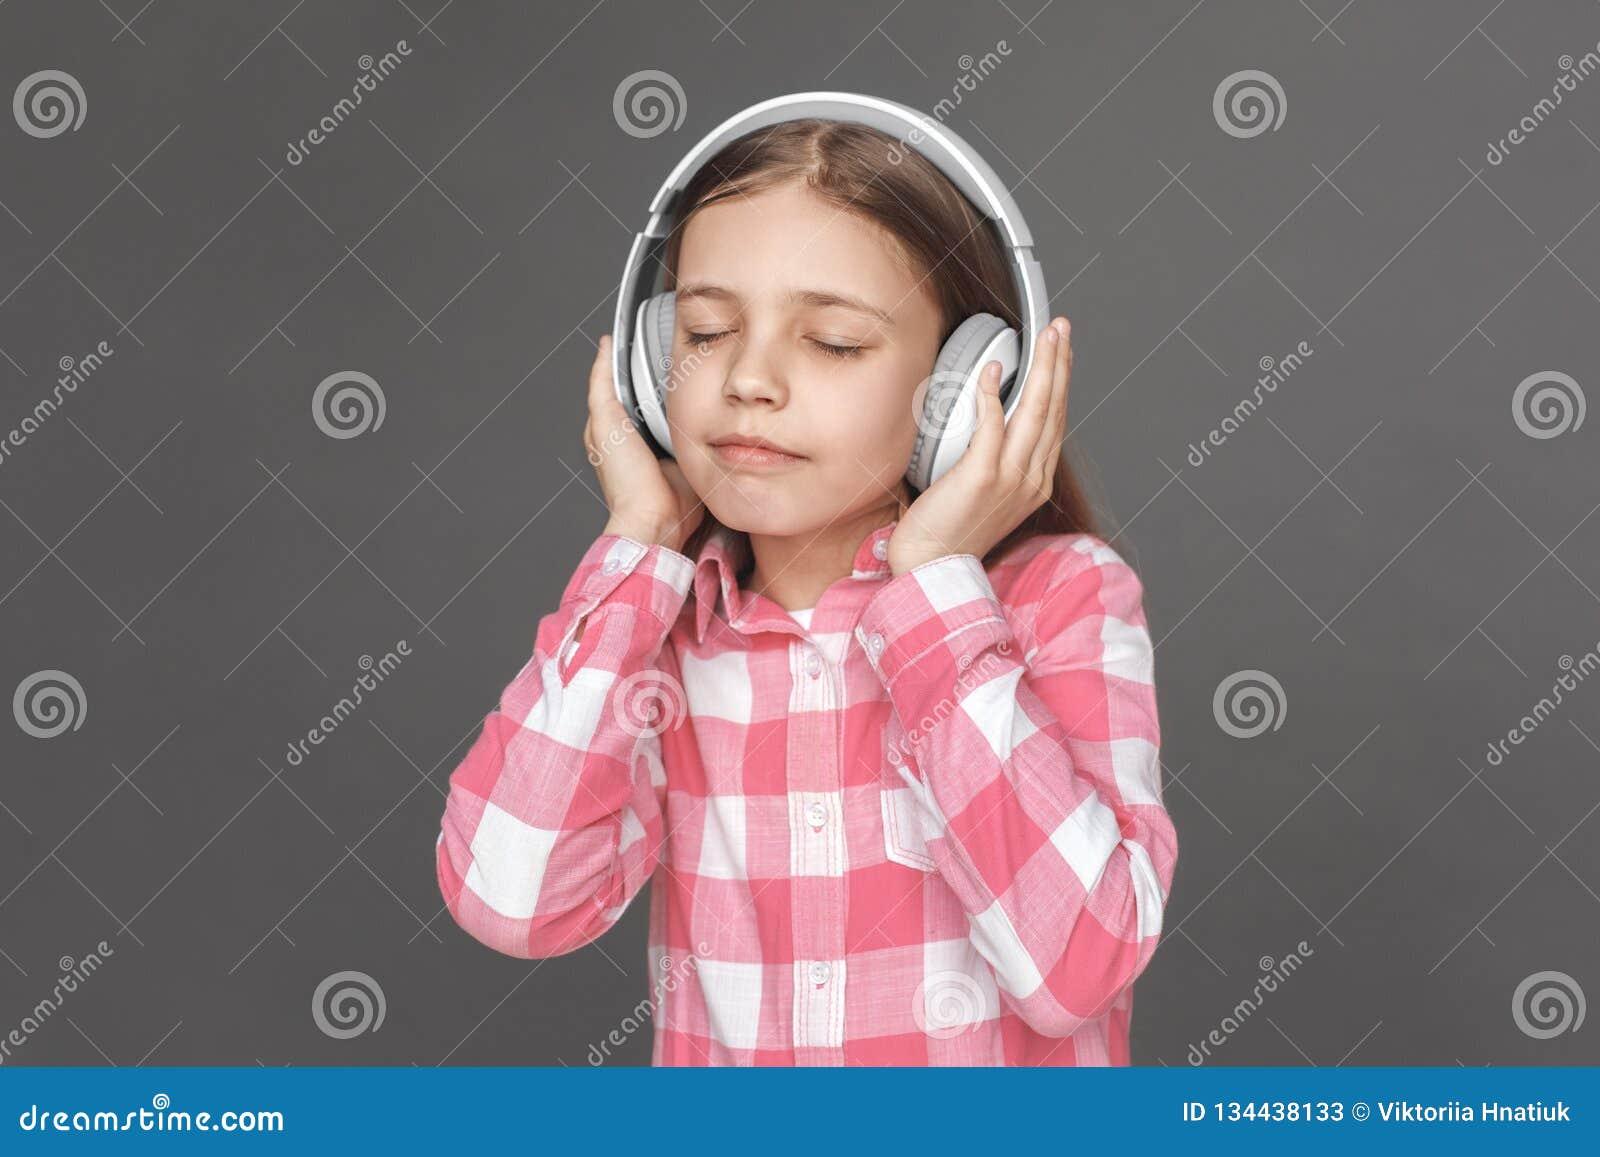 Freestyle Meisje in hoofdtelefoons status geïsoleerd bij het grijze luisteren aan muziek gesloten ogen blij close-up